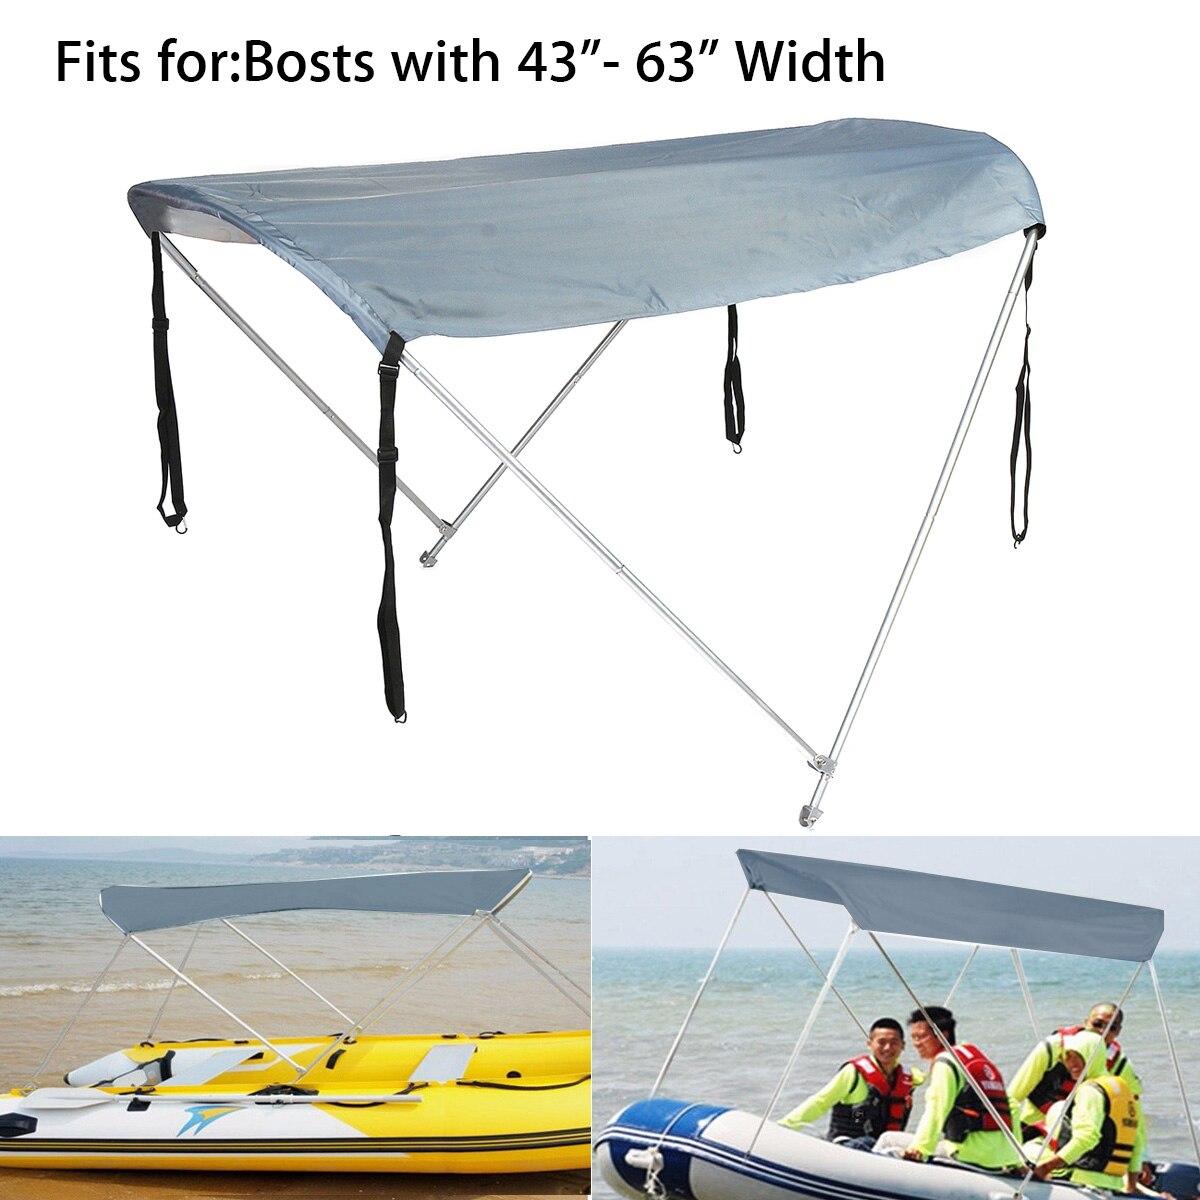 Auvent Tubes en alliage d'aluminium tissu Anti-UV Inflatables bateau abri solaire voilier étanche à l'humidité couverture bateaux accessoires